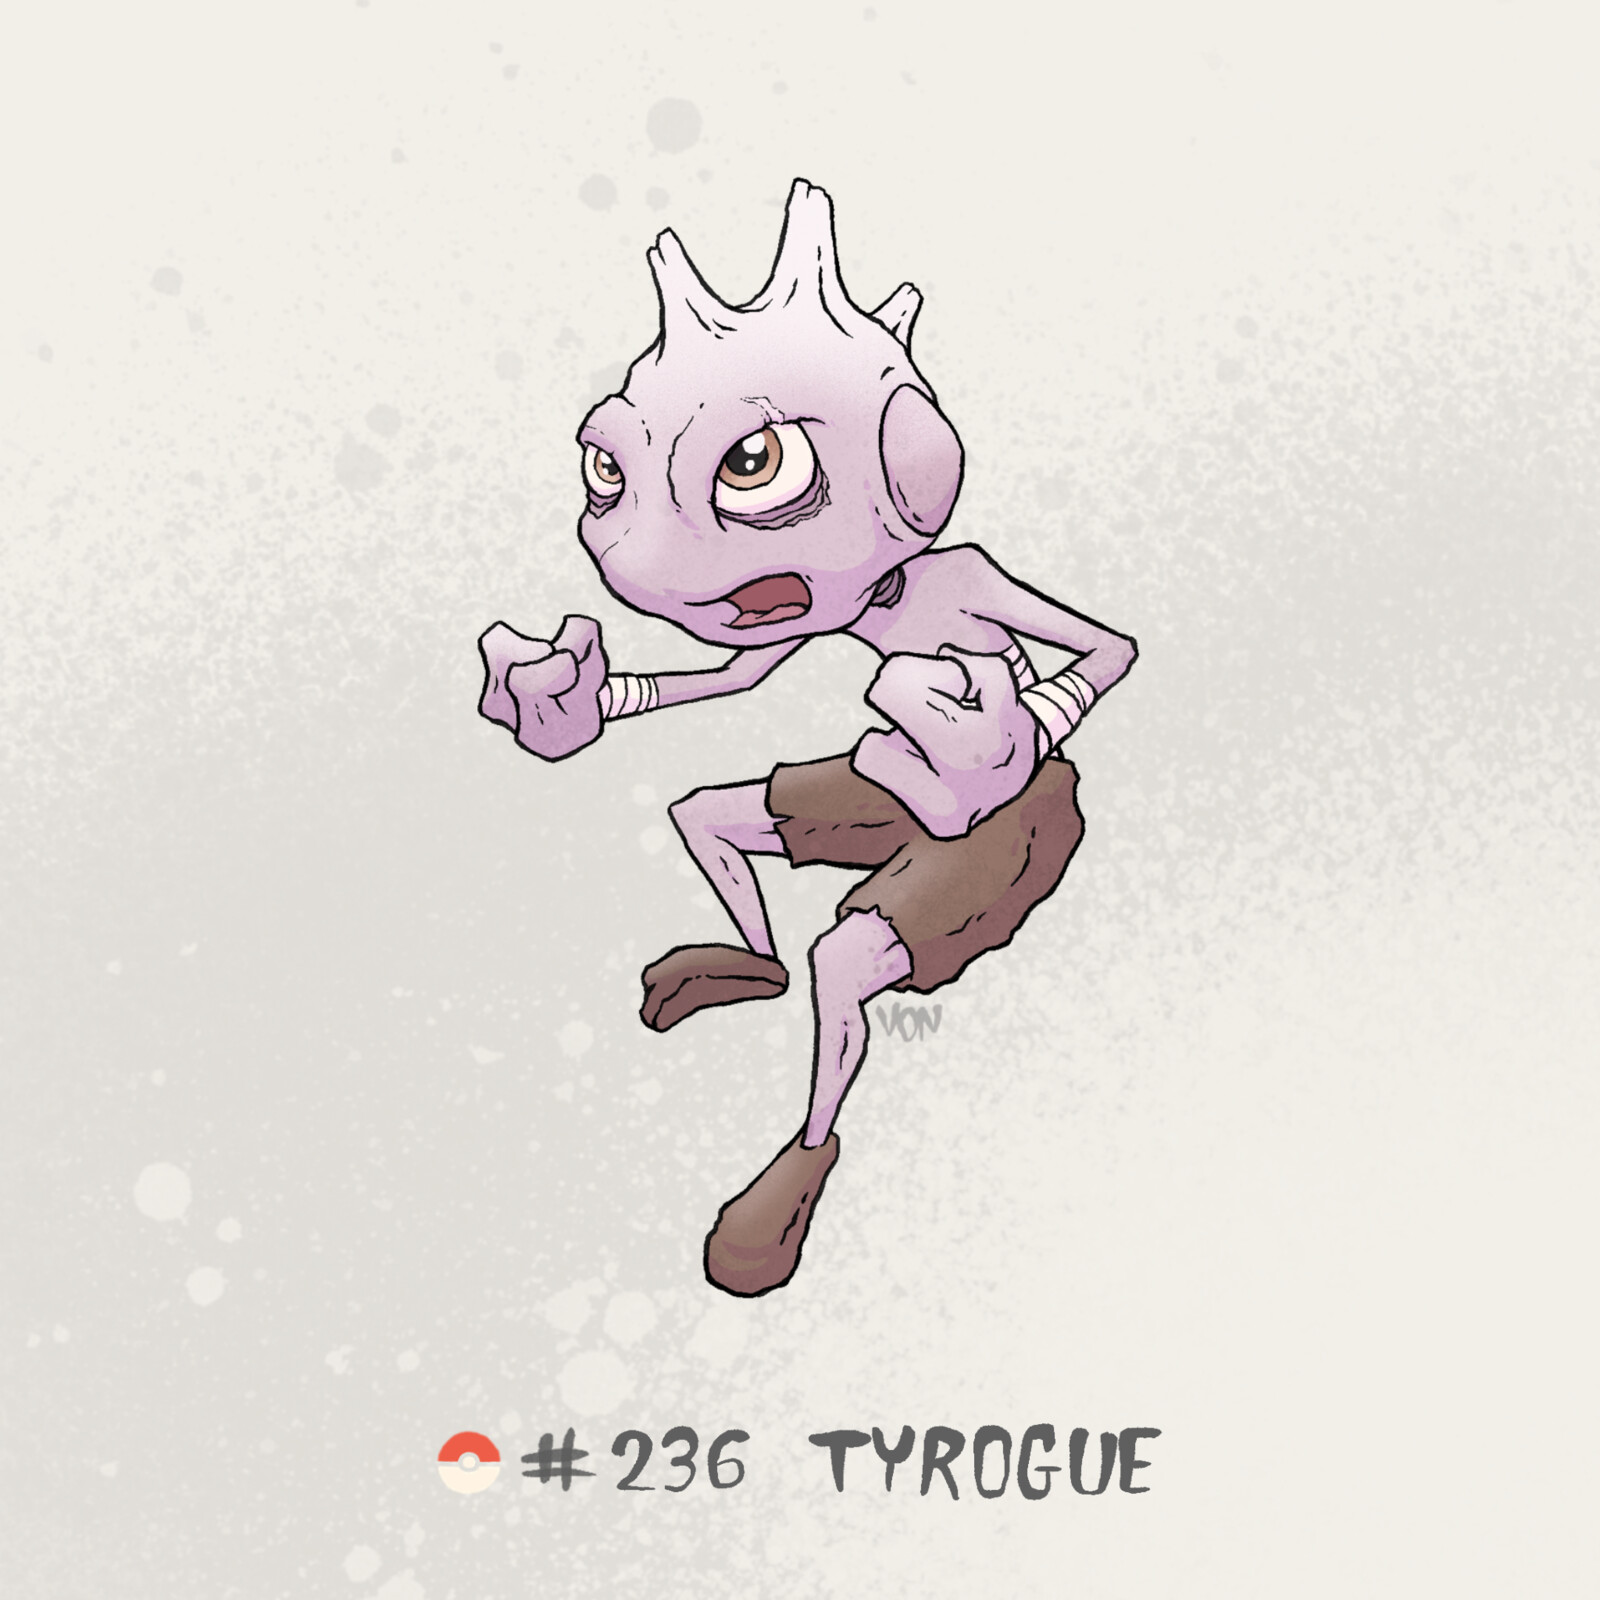 #236 Tyrogue